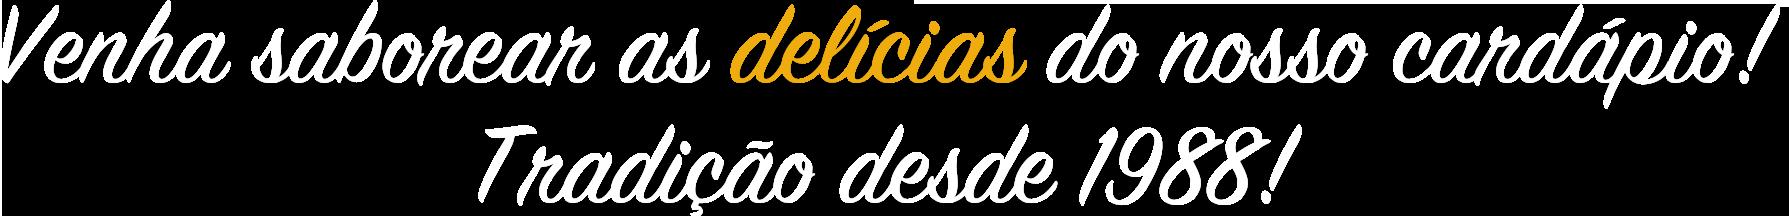 Venha saborear as delicias do nosso cardápio! Tradição desde 1988!